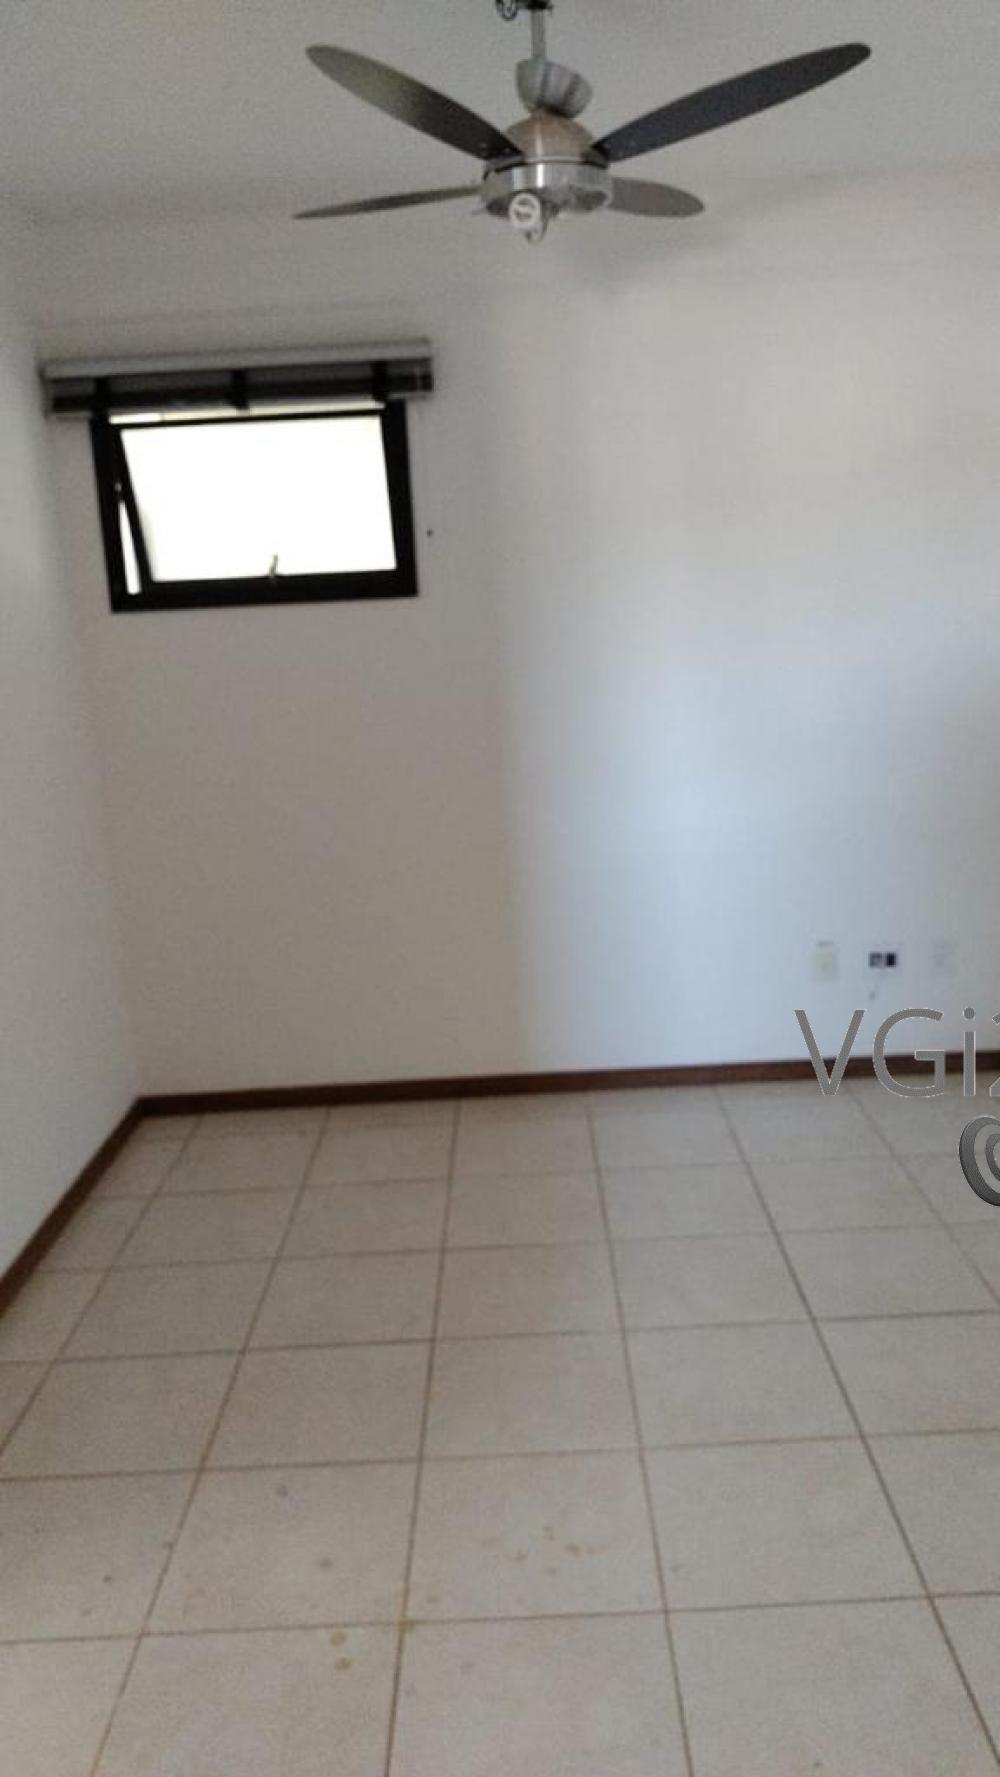 Comprar Apartamento / Padrão em Ribeirão Preto R$ 367.500,00 - Foto 18